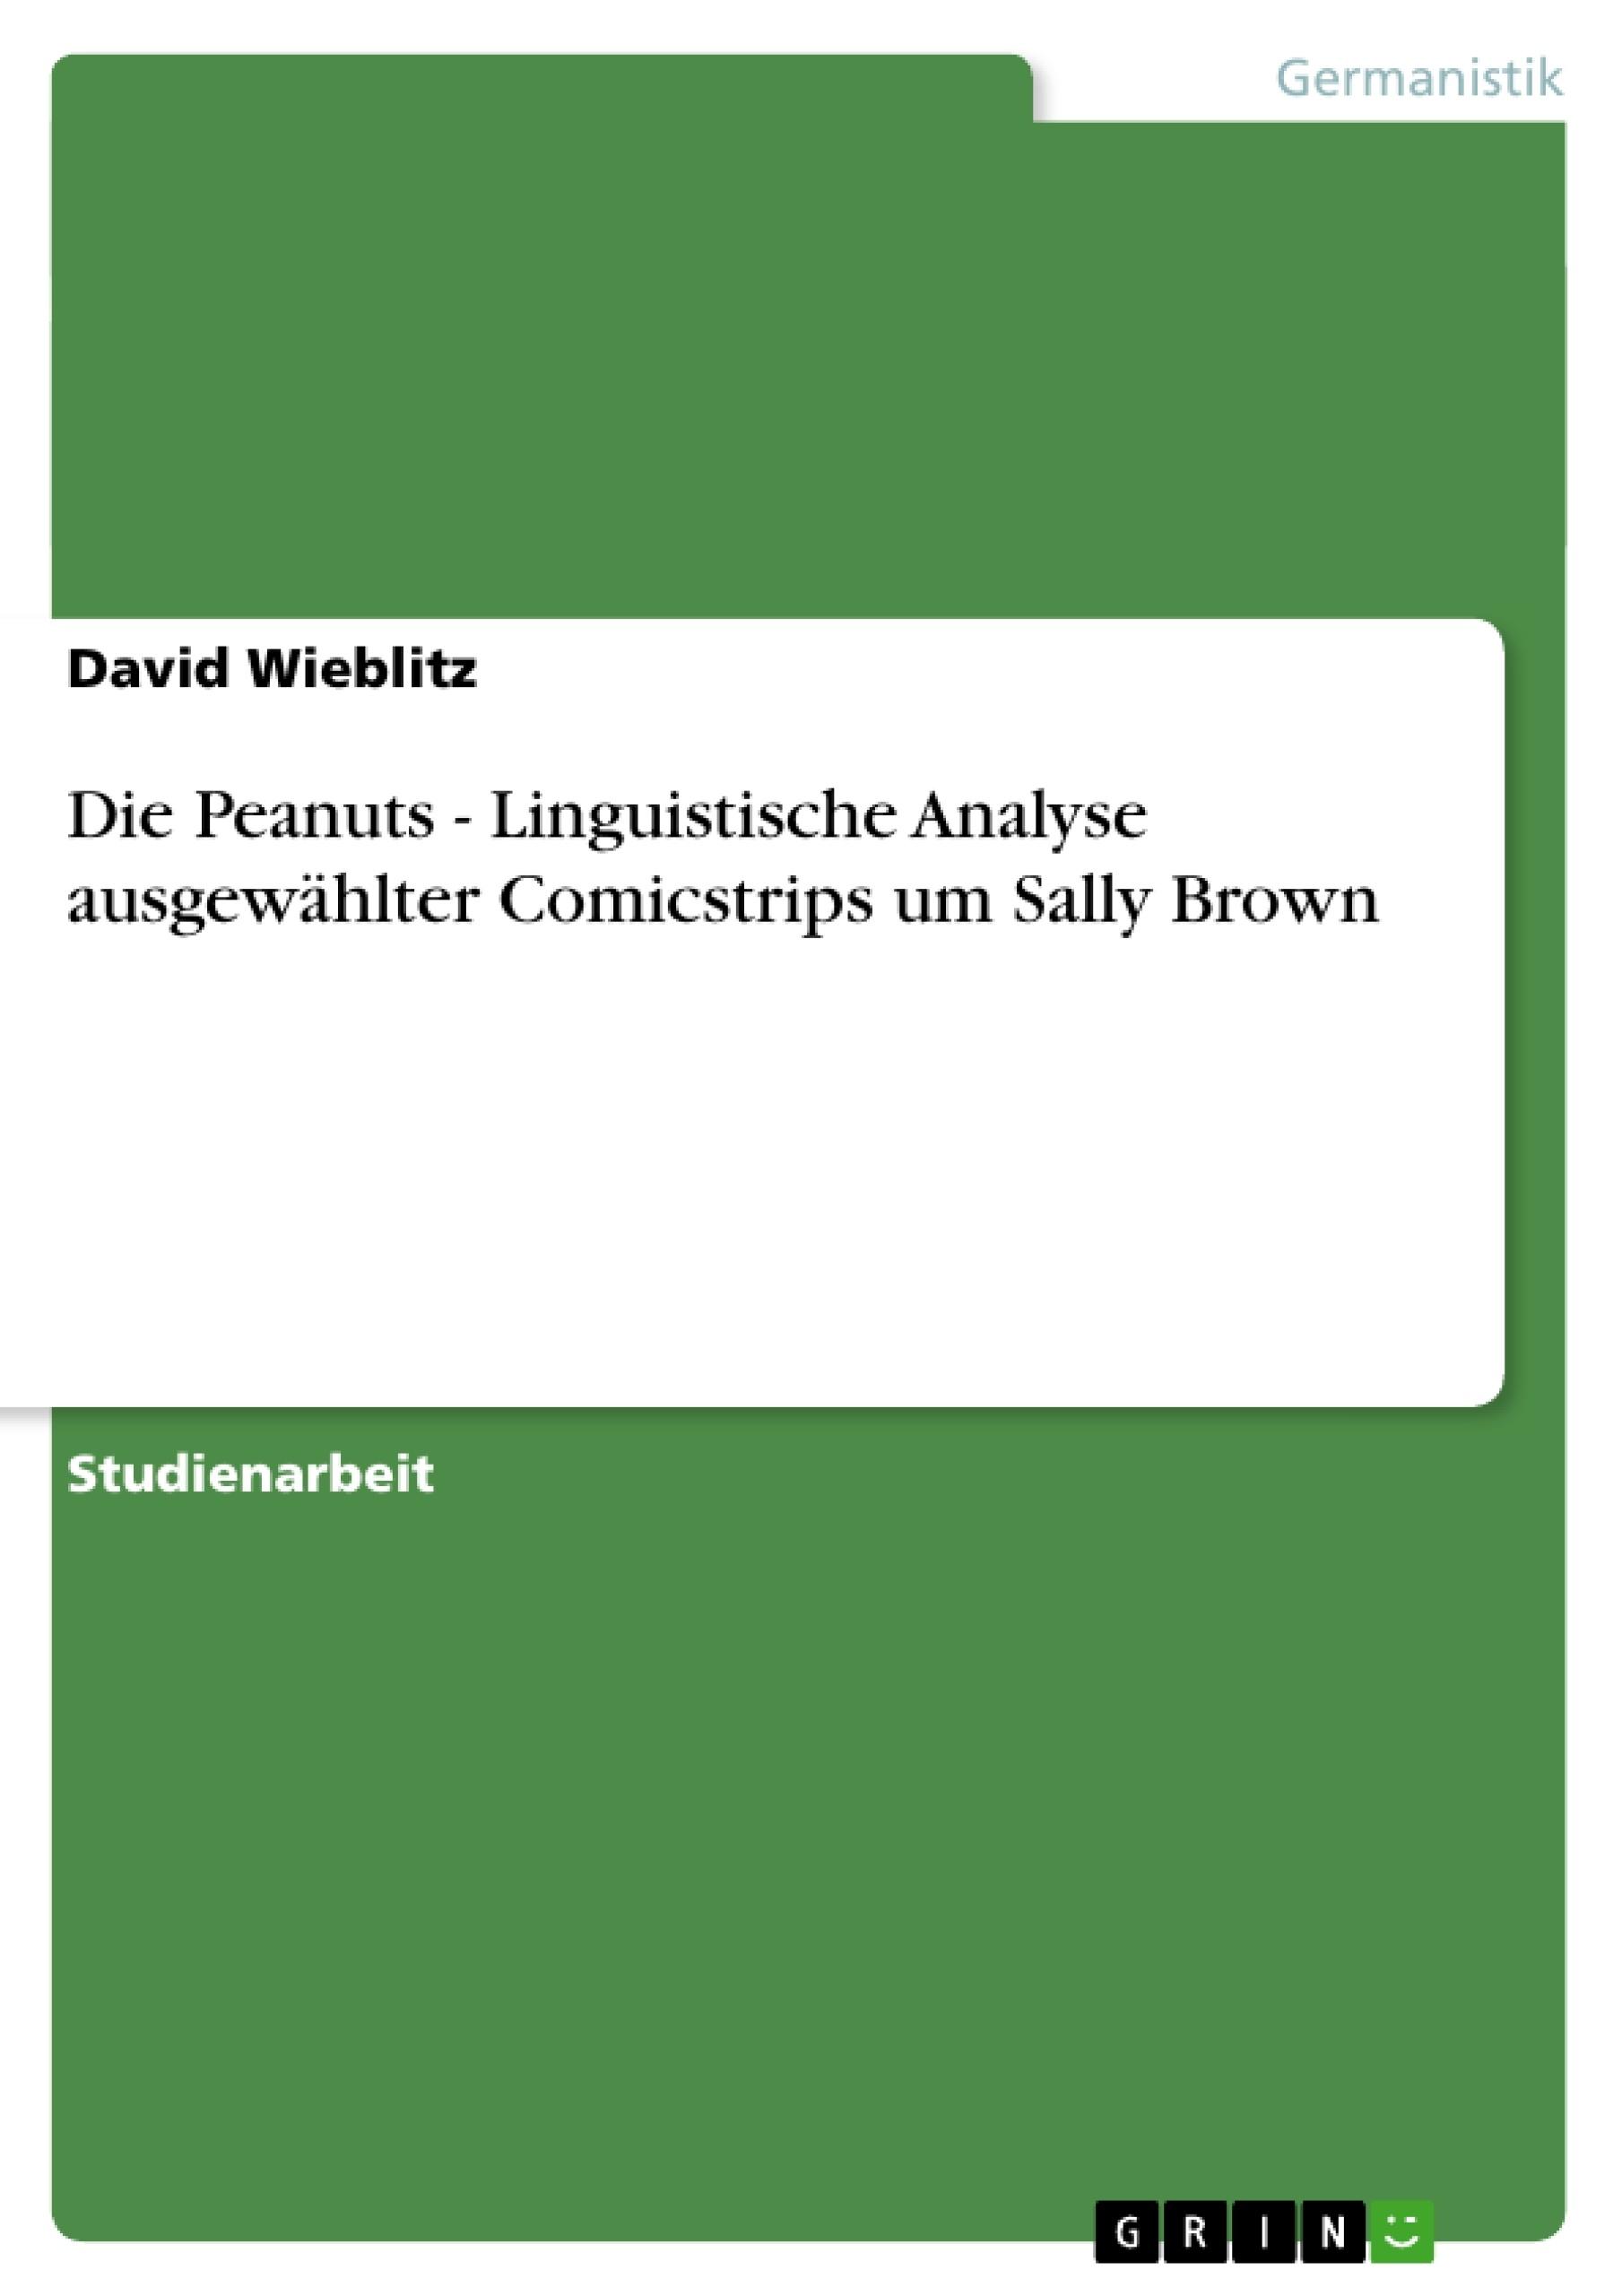 Titel: Die Peanuts - Linguistische Analyse ausgewählter Comicstrips um Sally Brown